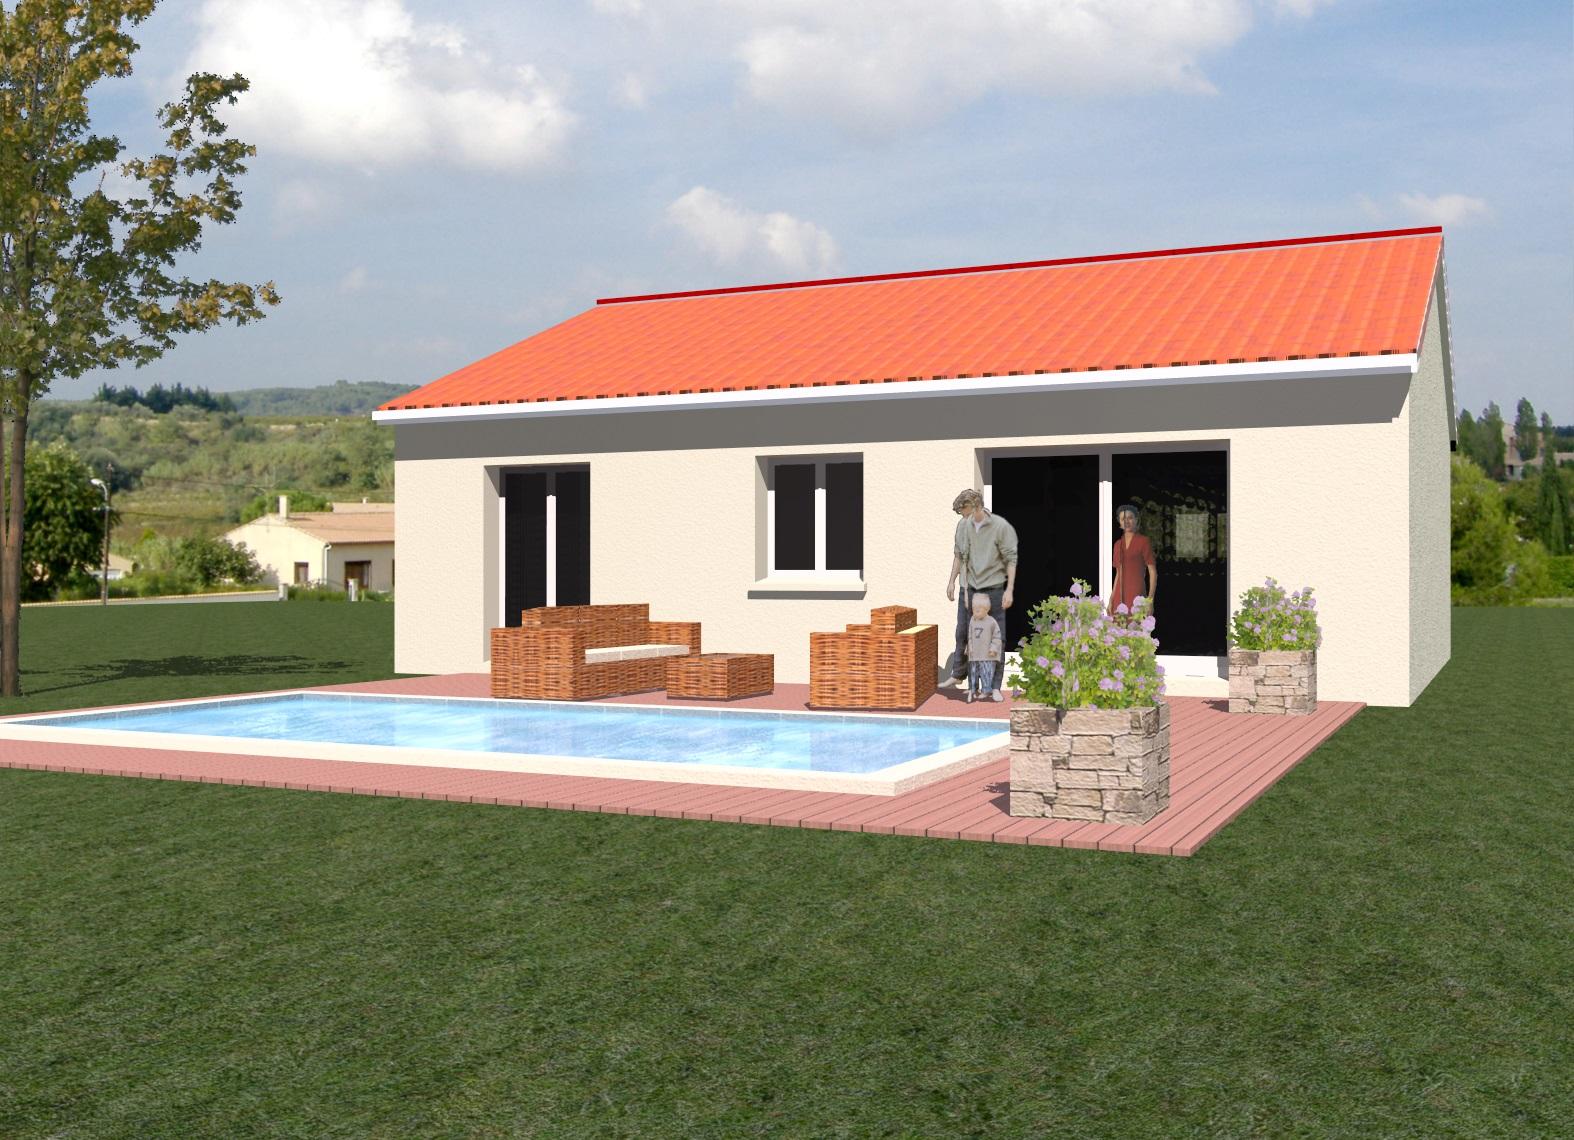 Maisons mag constructeur thiers puy de d me for Constructeur maison individuelle puy de dome